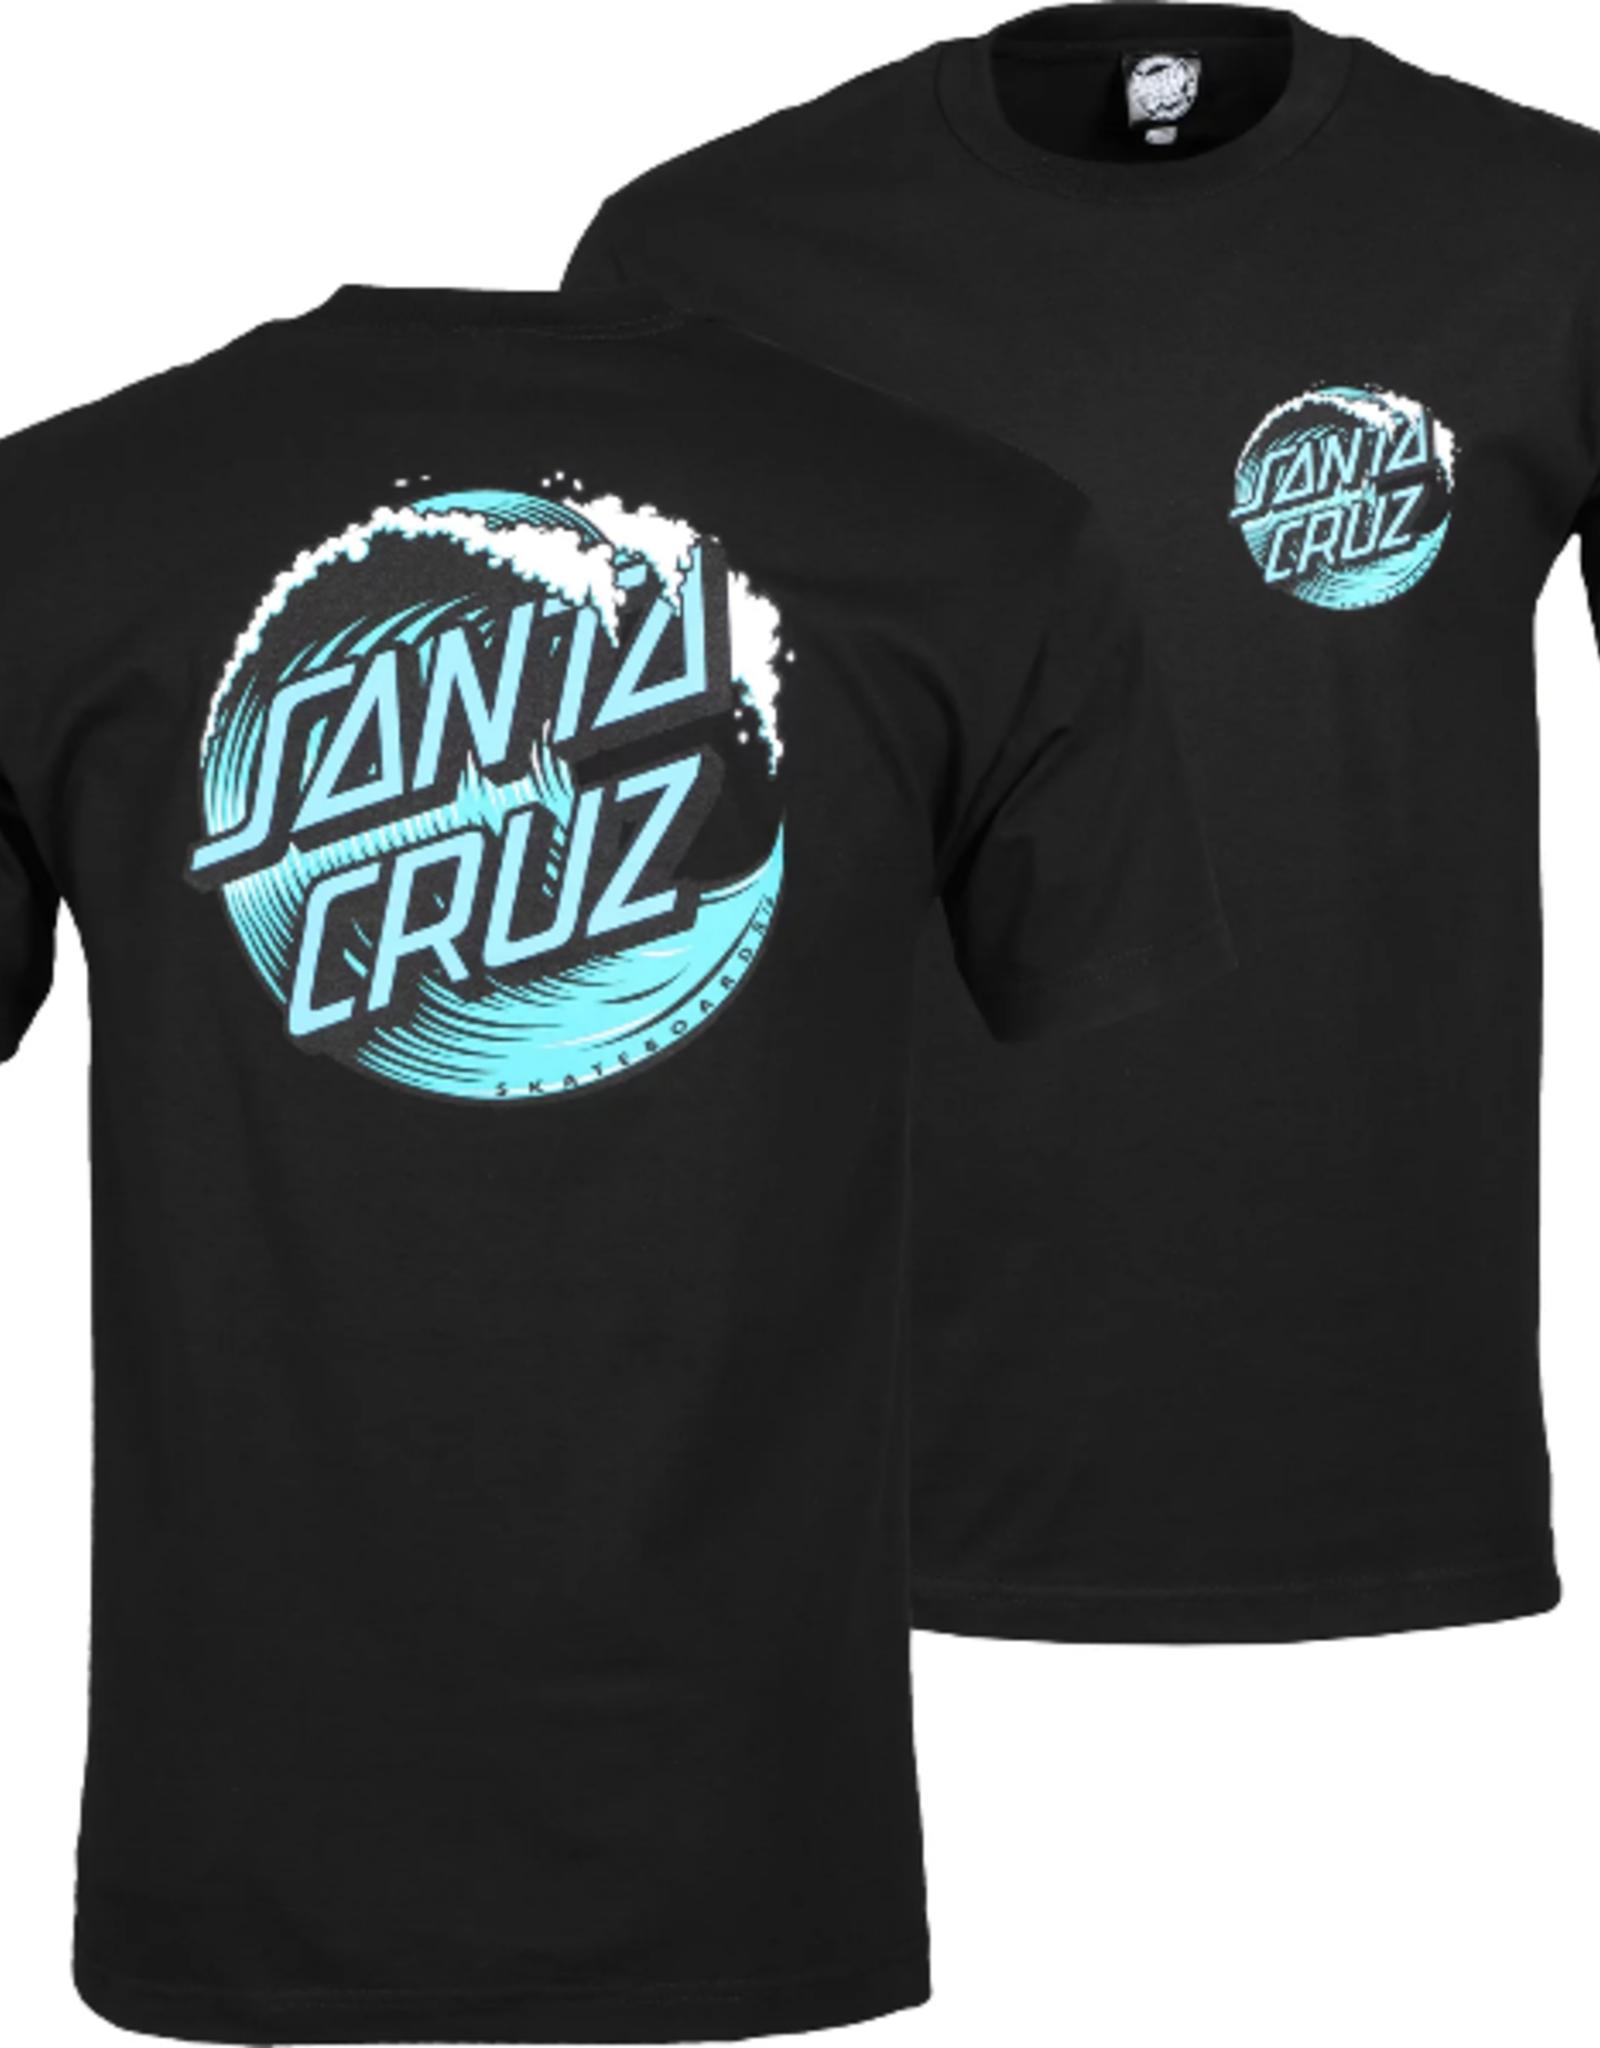 Santa Cruz T-SHIRT WAVE DOT